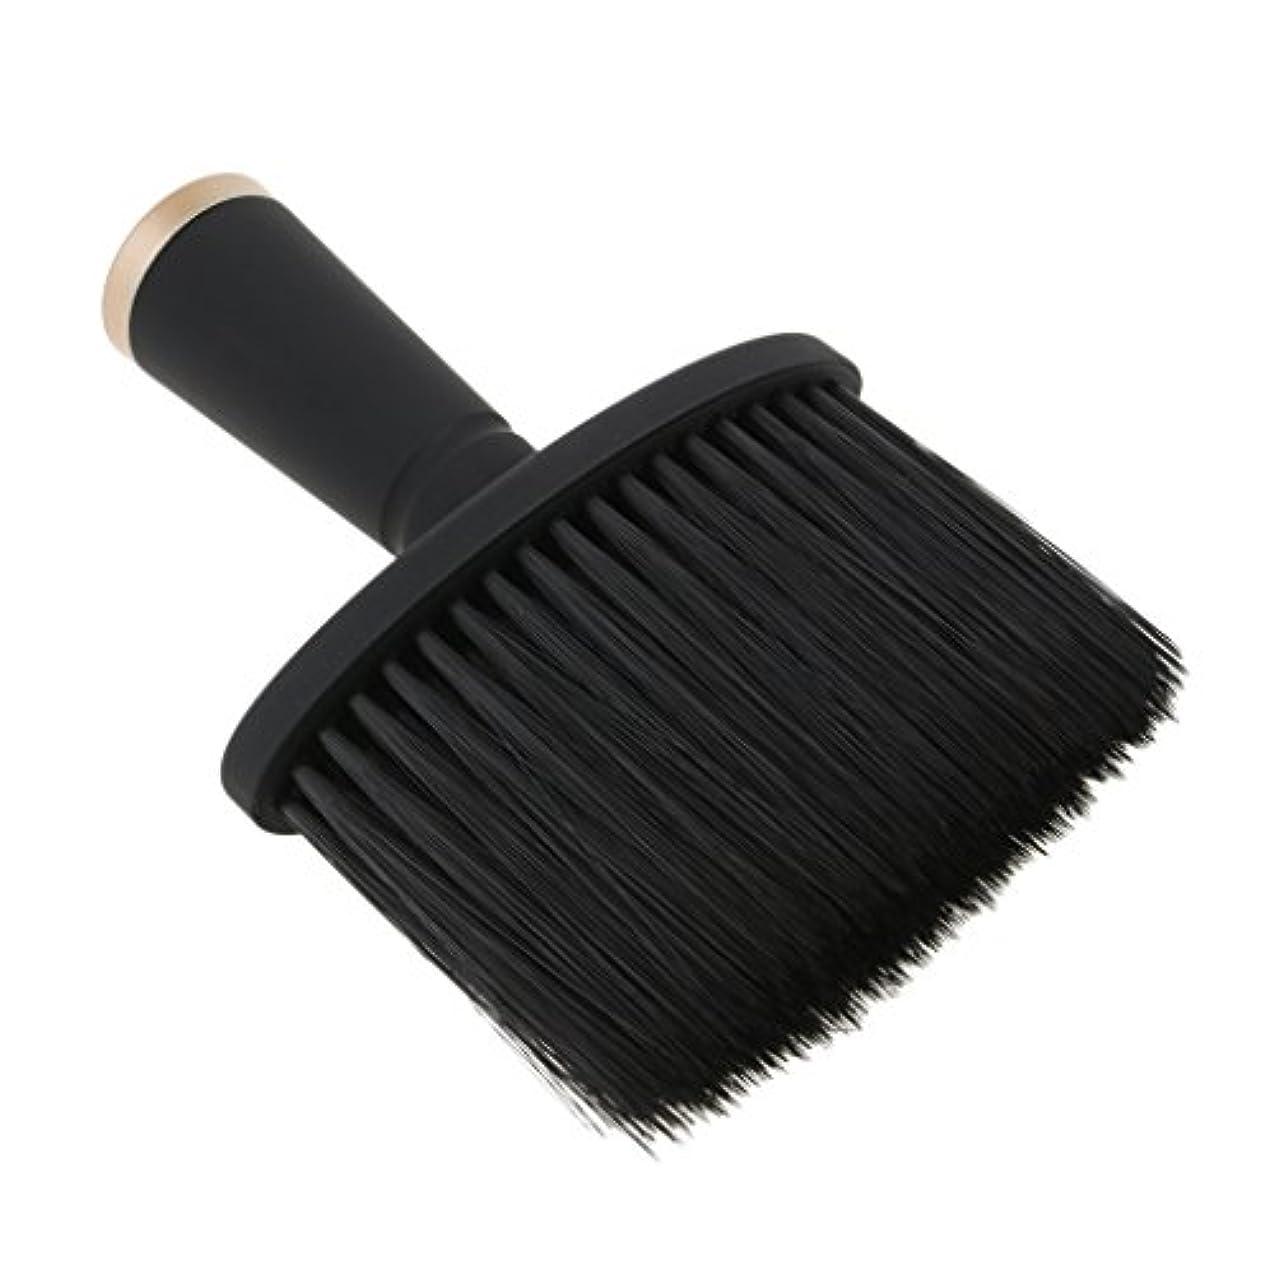 あいまい構成員ロビーFutuHome 専門の理髪師の首の塵払いのブラシ、毛の切断のための柔らかいクリーニングの表面ブラシ、携帯用設計 - ゴールド